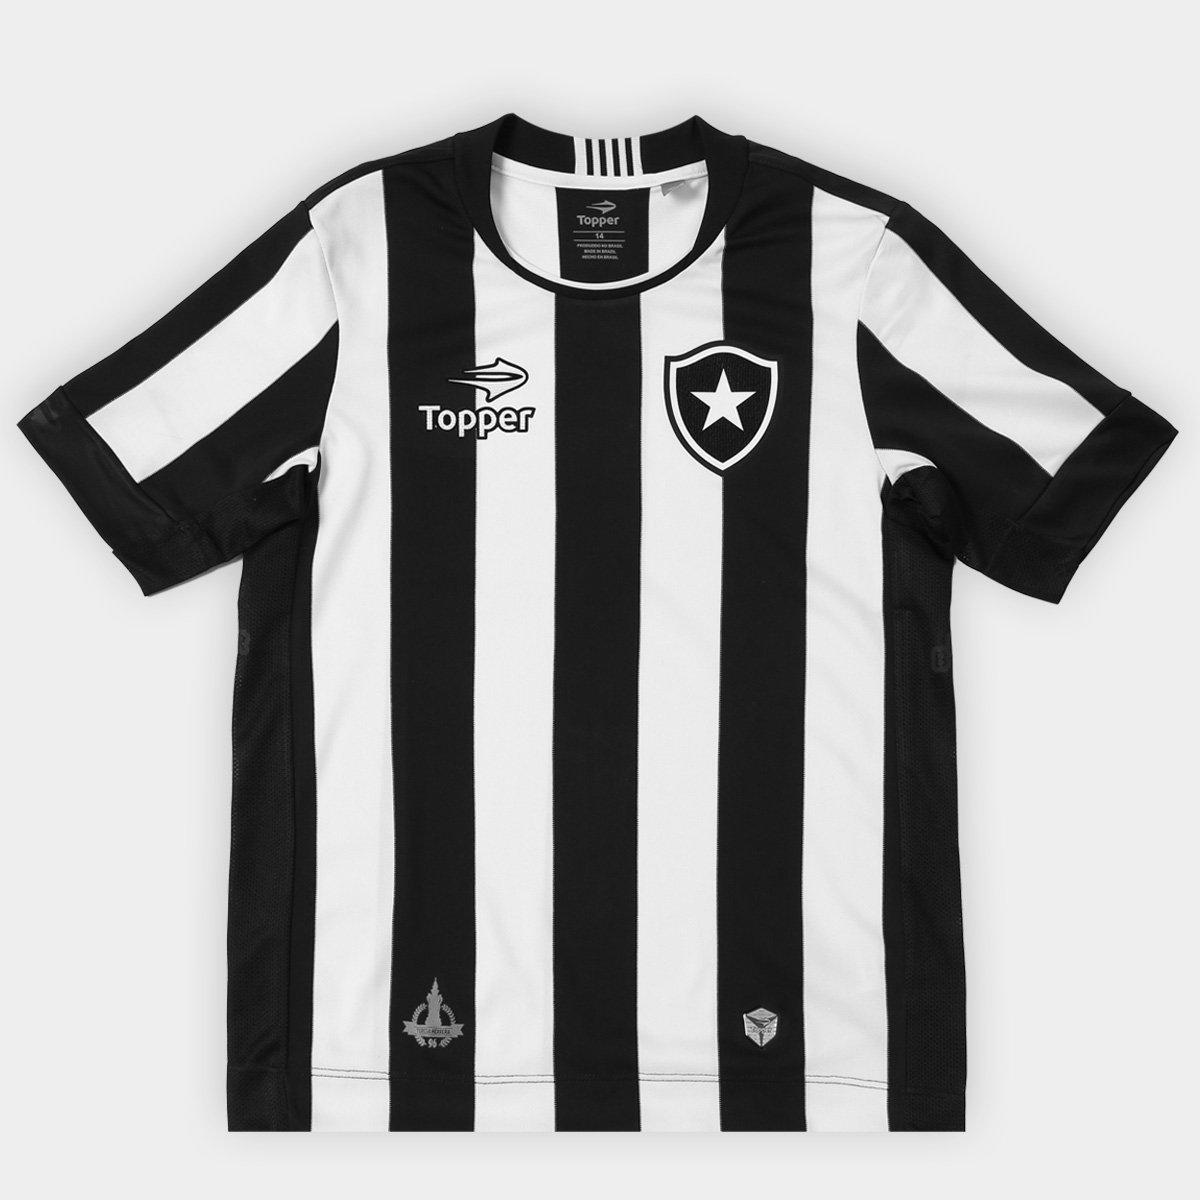 37c015346e088 Camisa Topper Botafogo I 2016 Infantil - Compre Agora